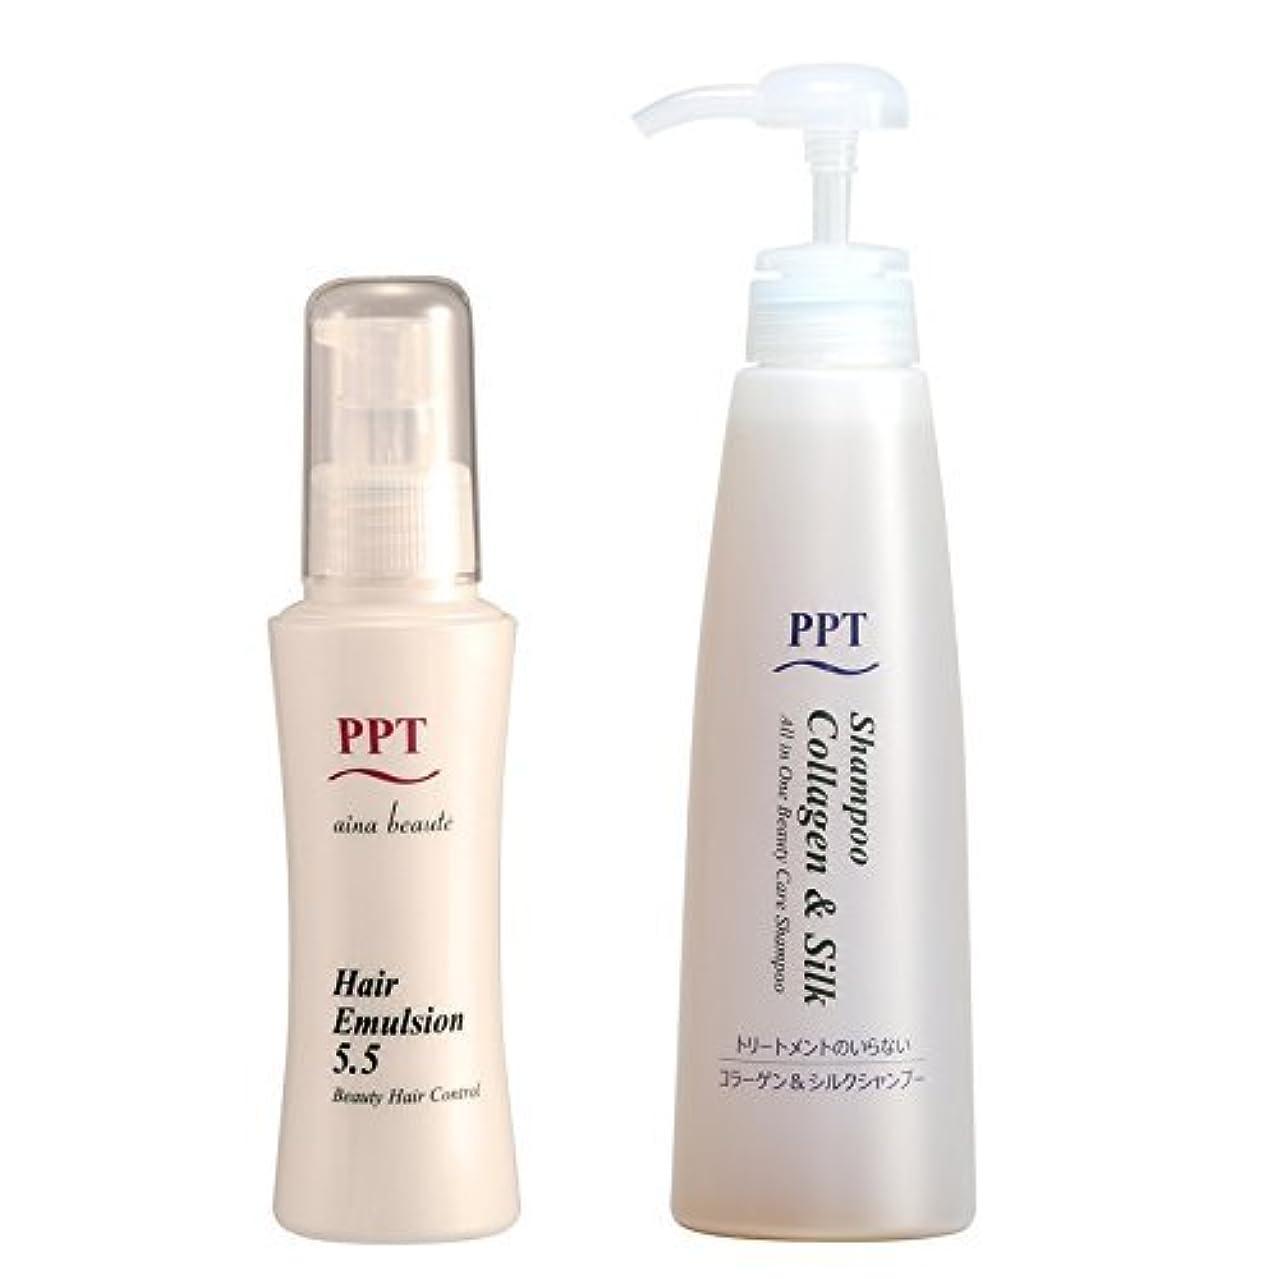 力学大確かにPPTコラーゲン&シルクシャンプー脂性肌~普通肌用(ふんわり)、PPTヘアエマルジョン5.5セット